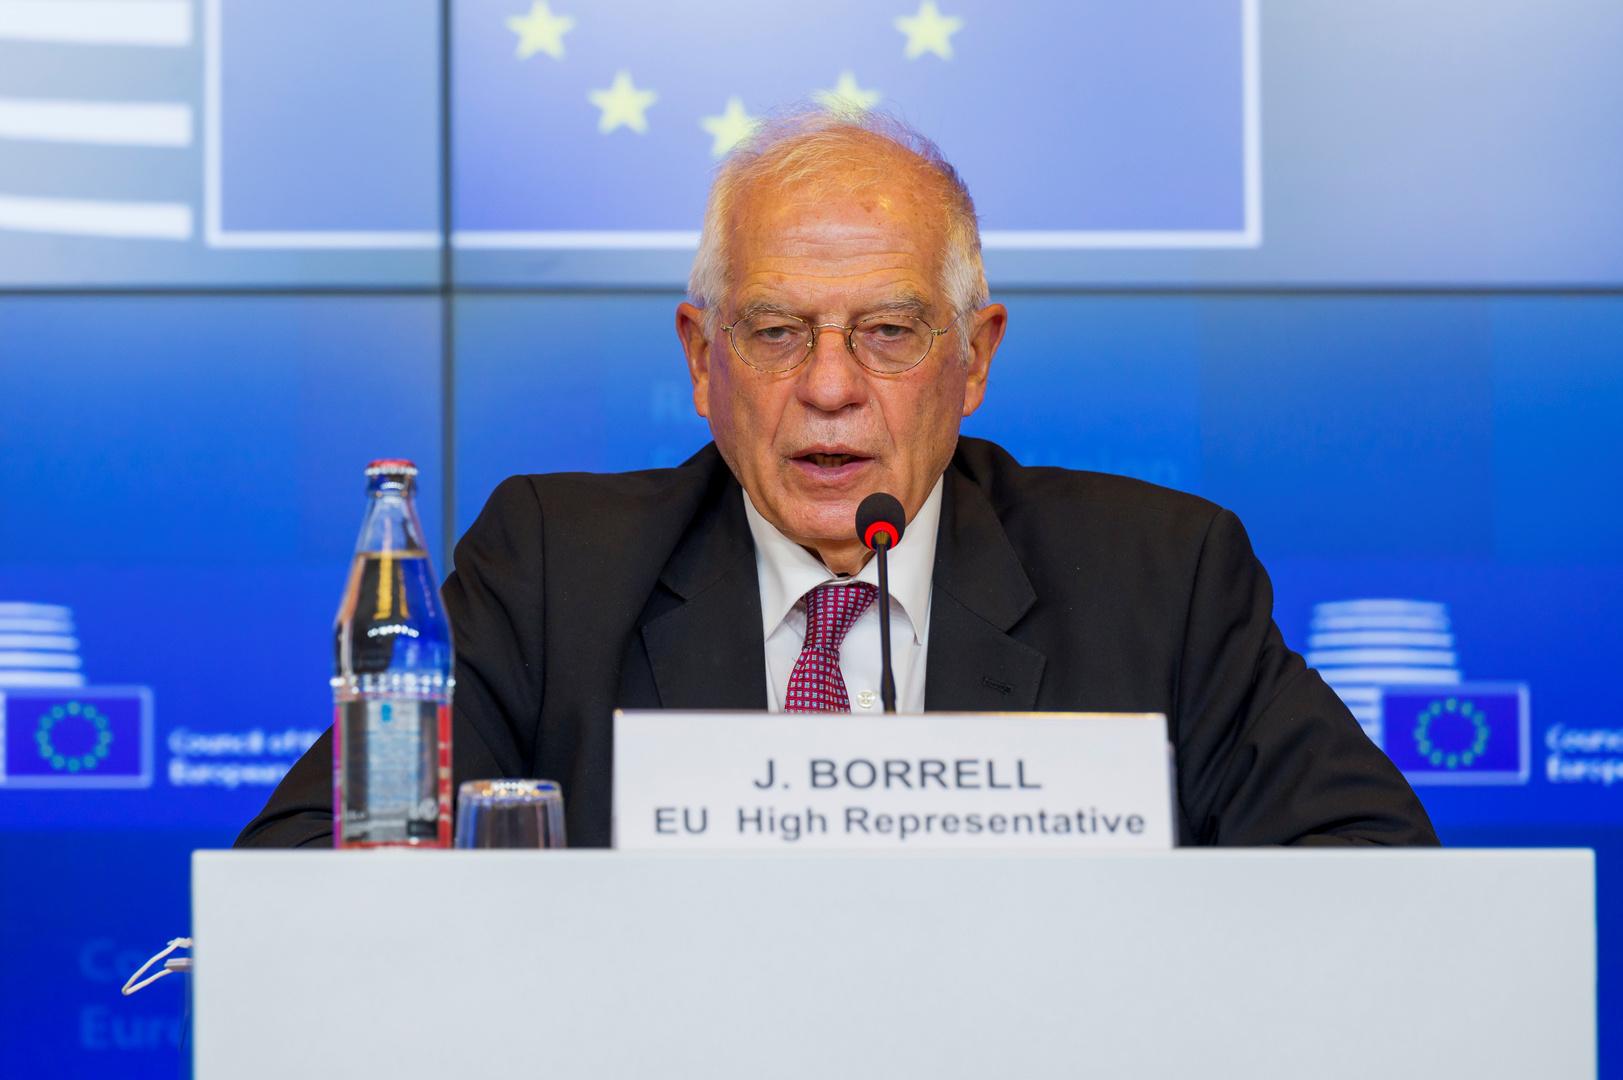 جوزيب بوريل، الممثل السامي للاتحاد الأوروبي للشؤون الخارجية والسياسة الأمنية